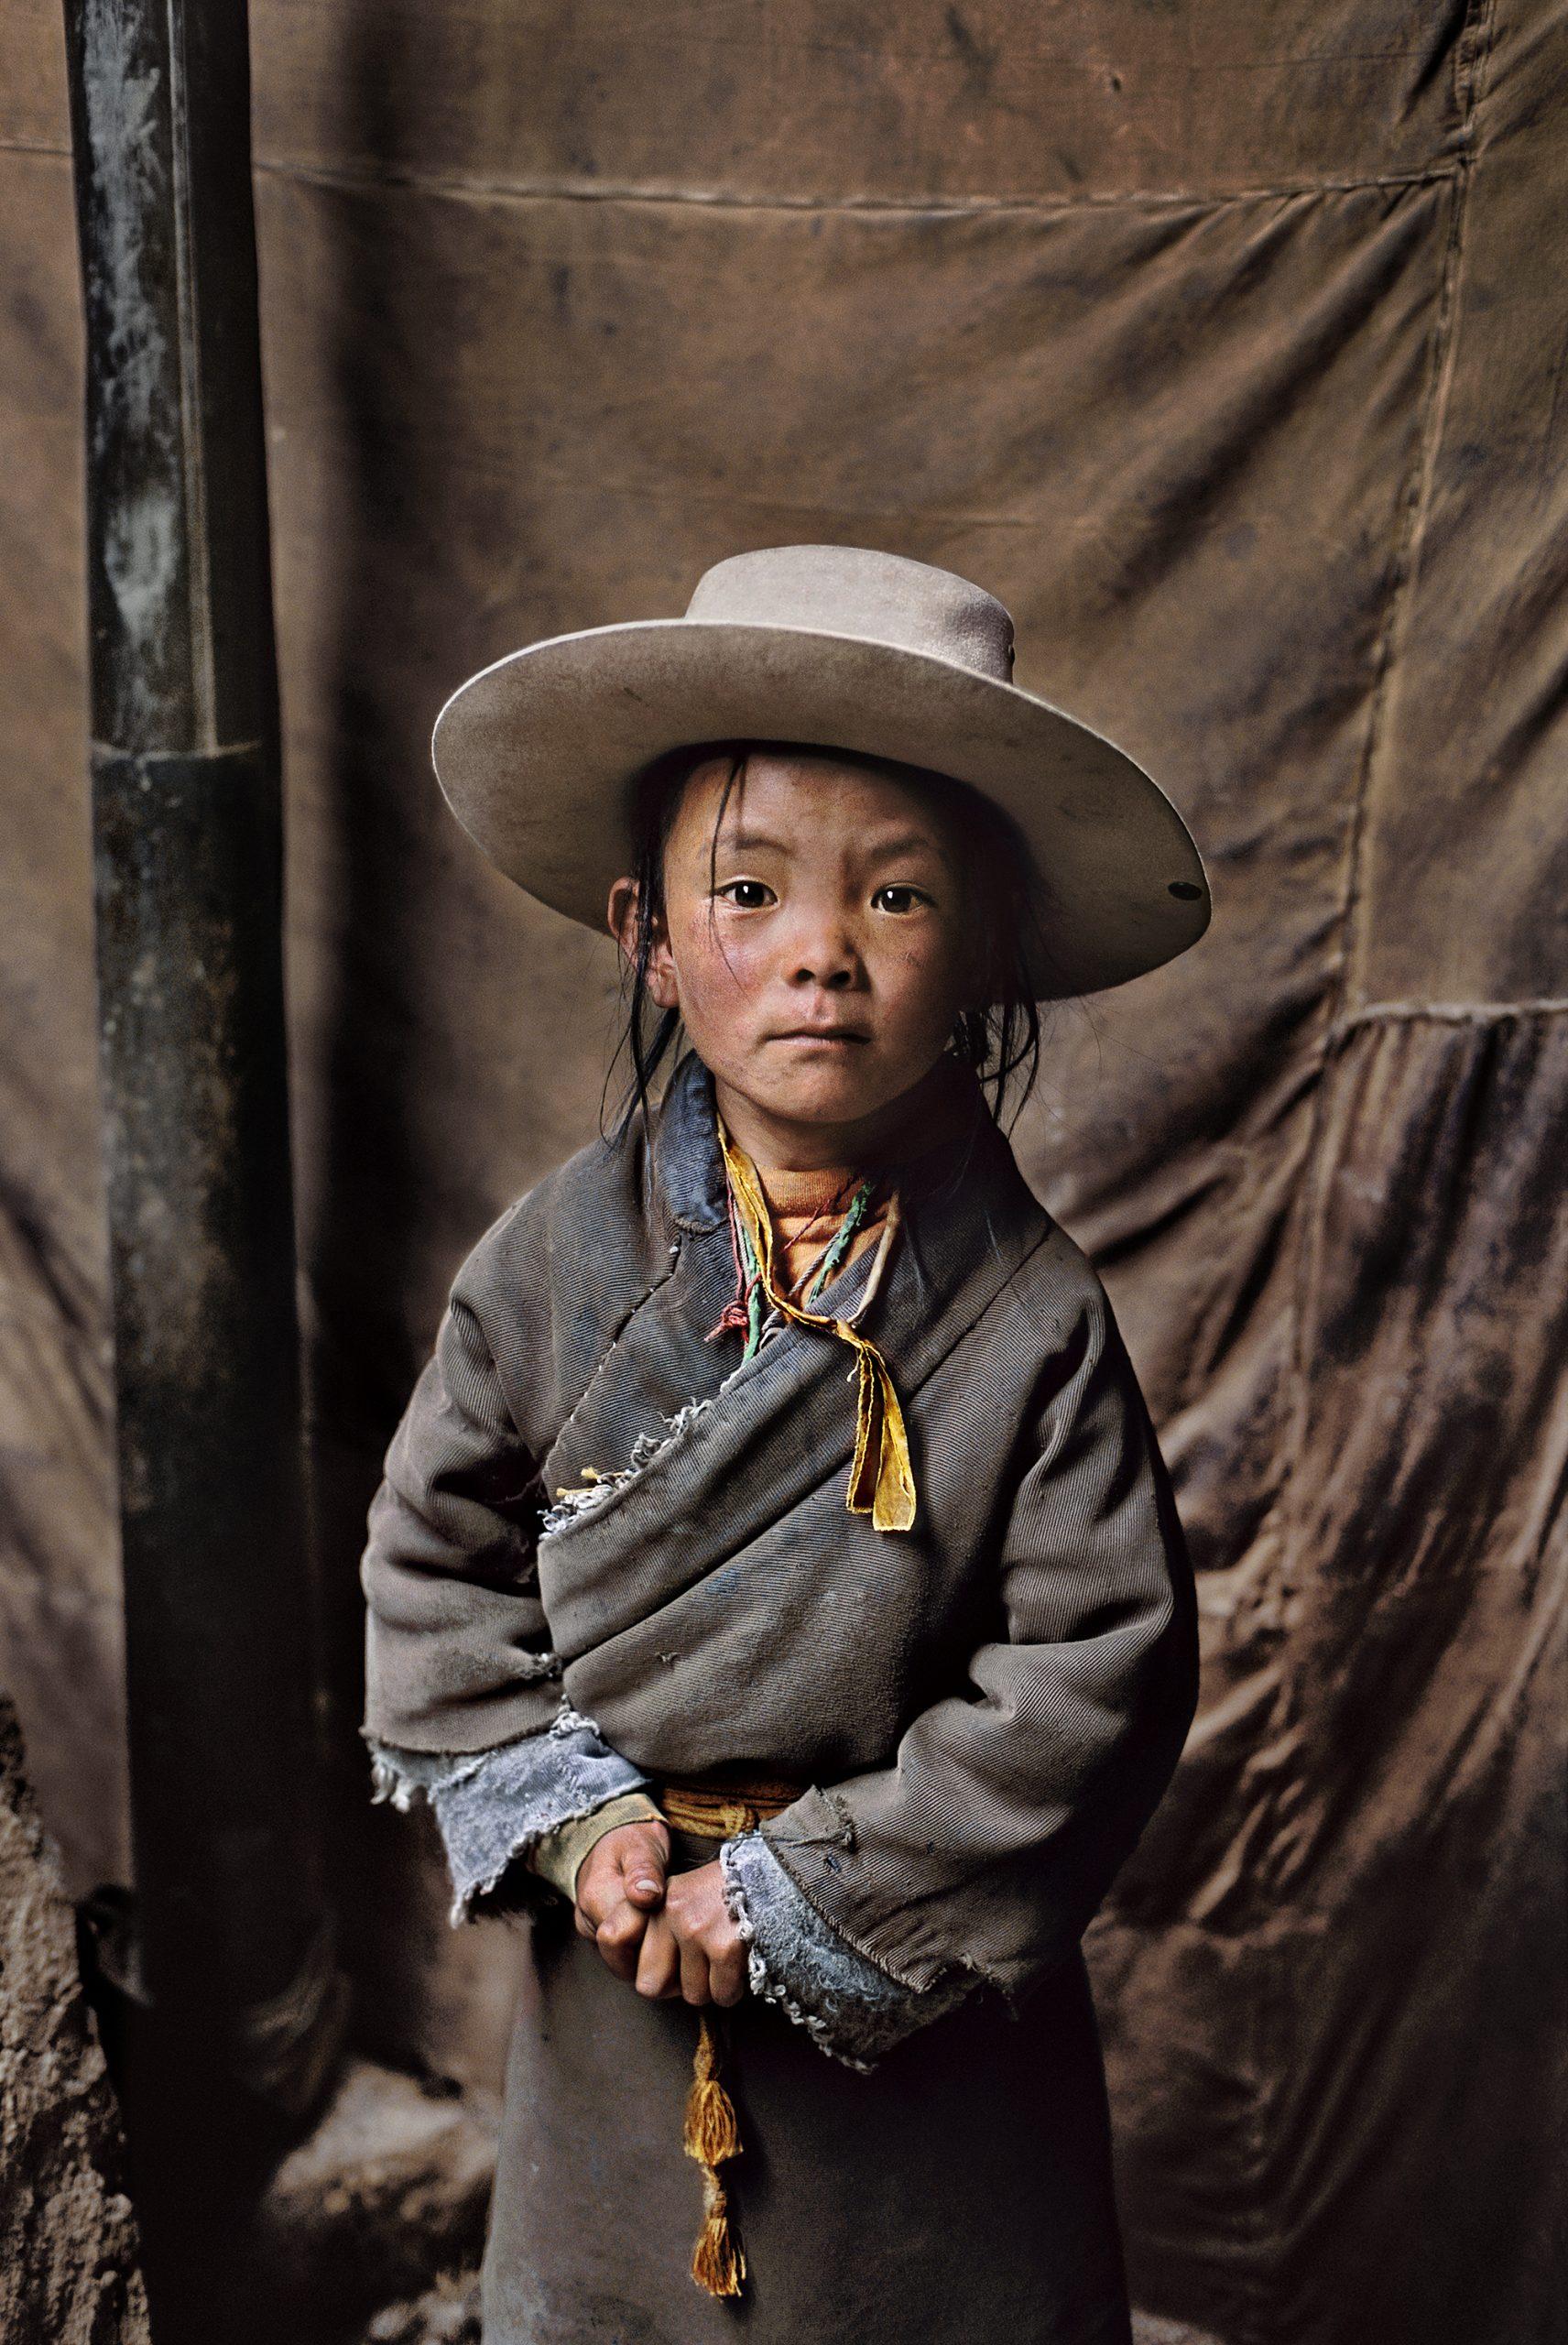 史蒂夫·麦卡里(Steve McCurry),西藏,孩子的画像